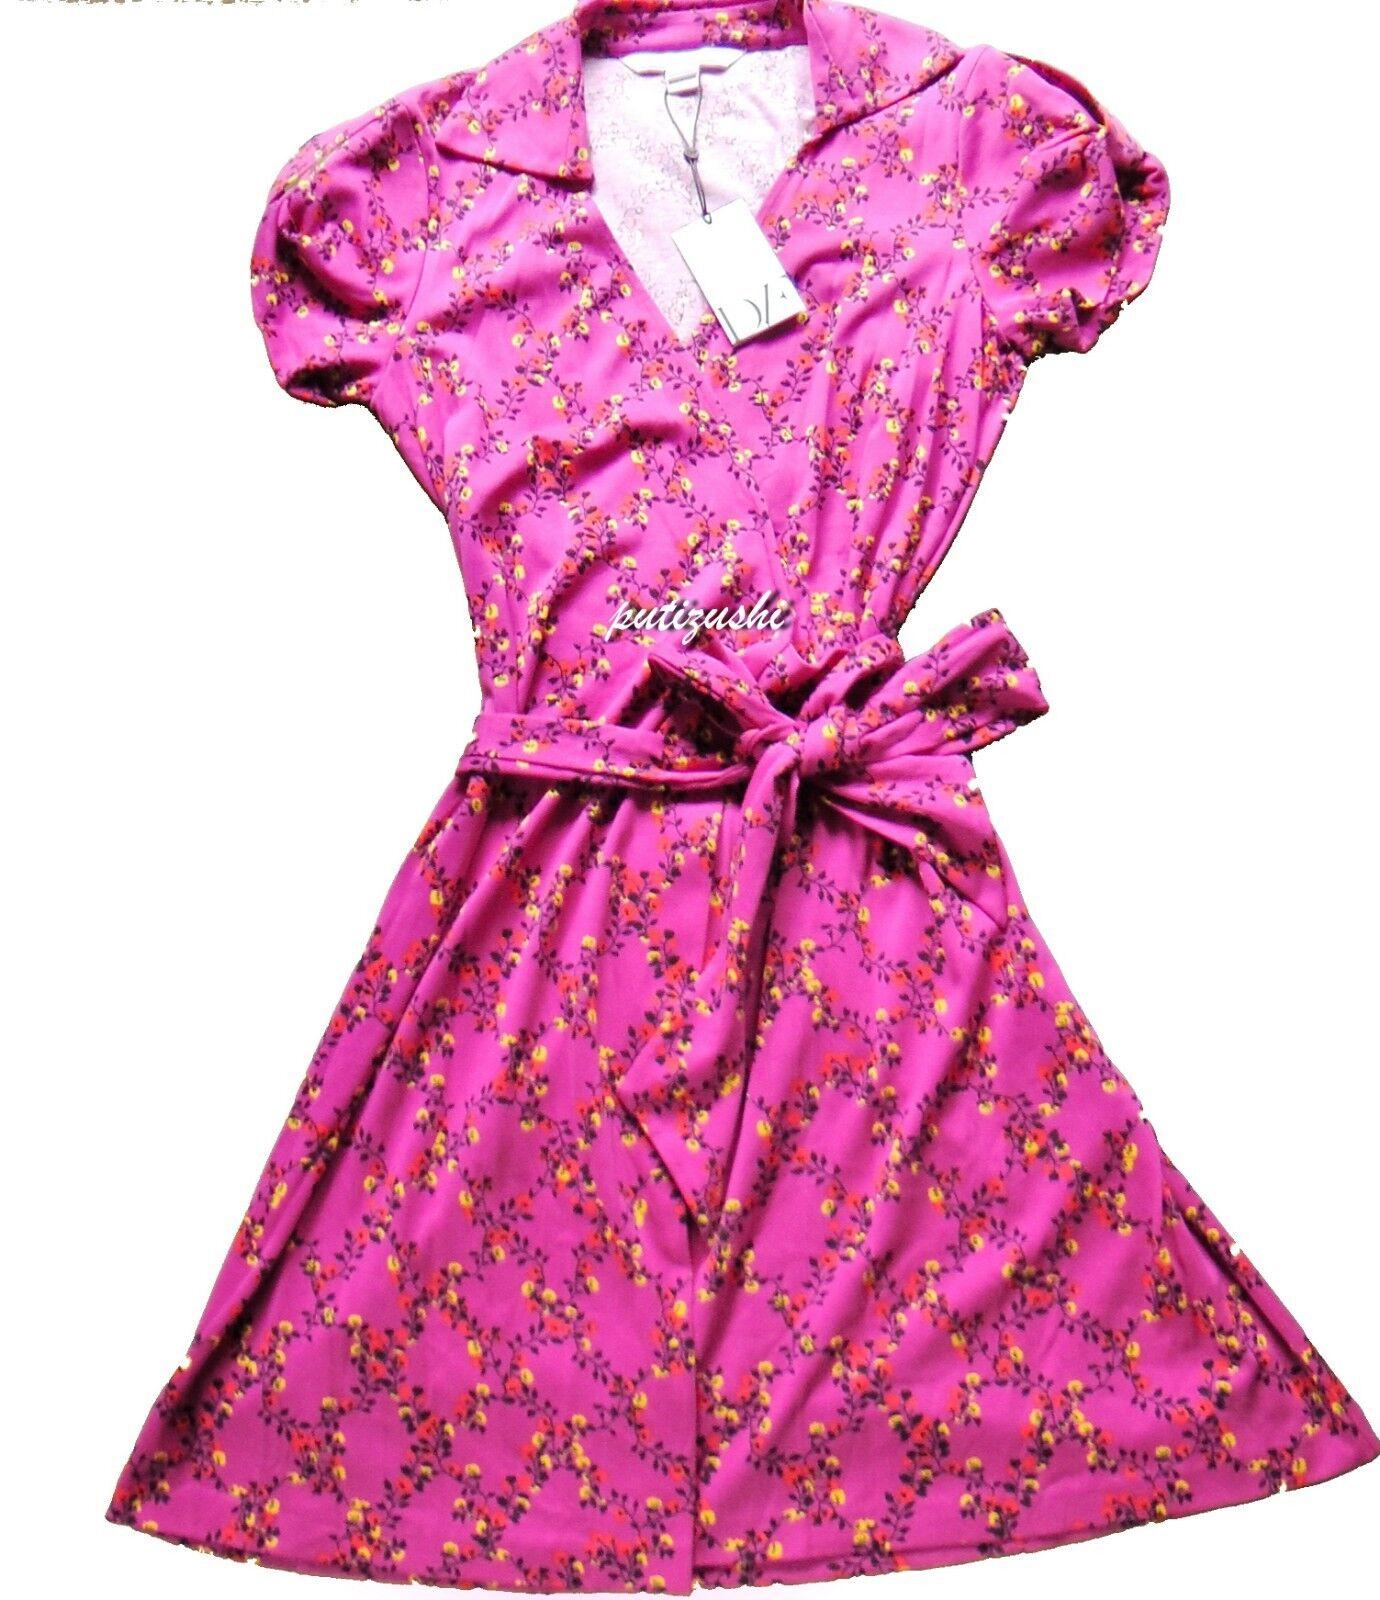 NWT Diane von Furstenberg DVF Jilda2 Jersey Wrap Dress, original